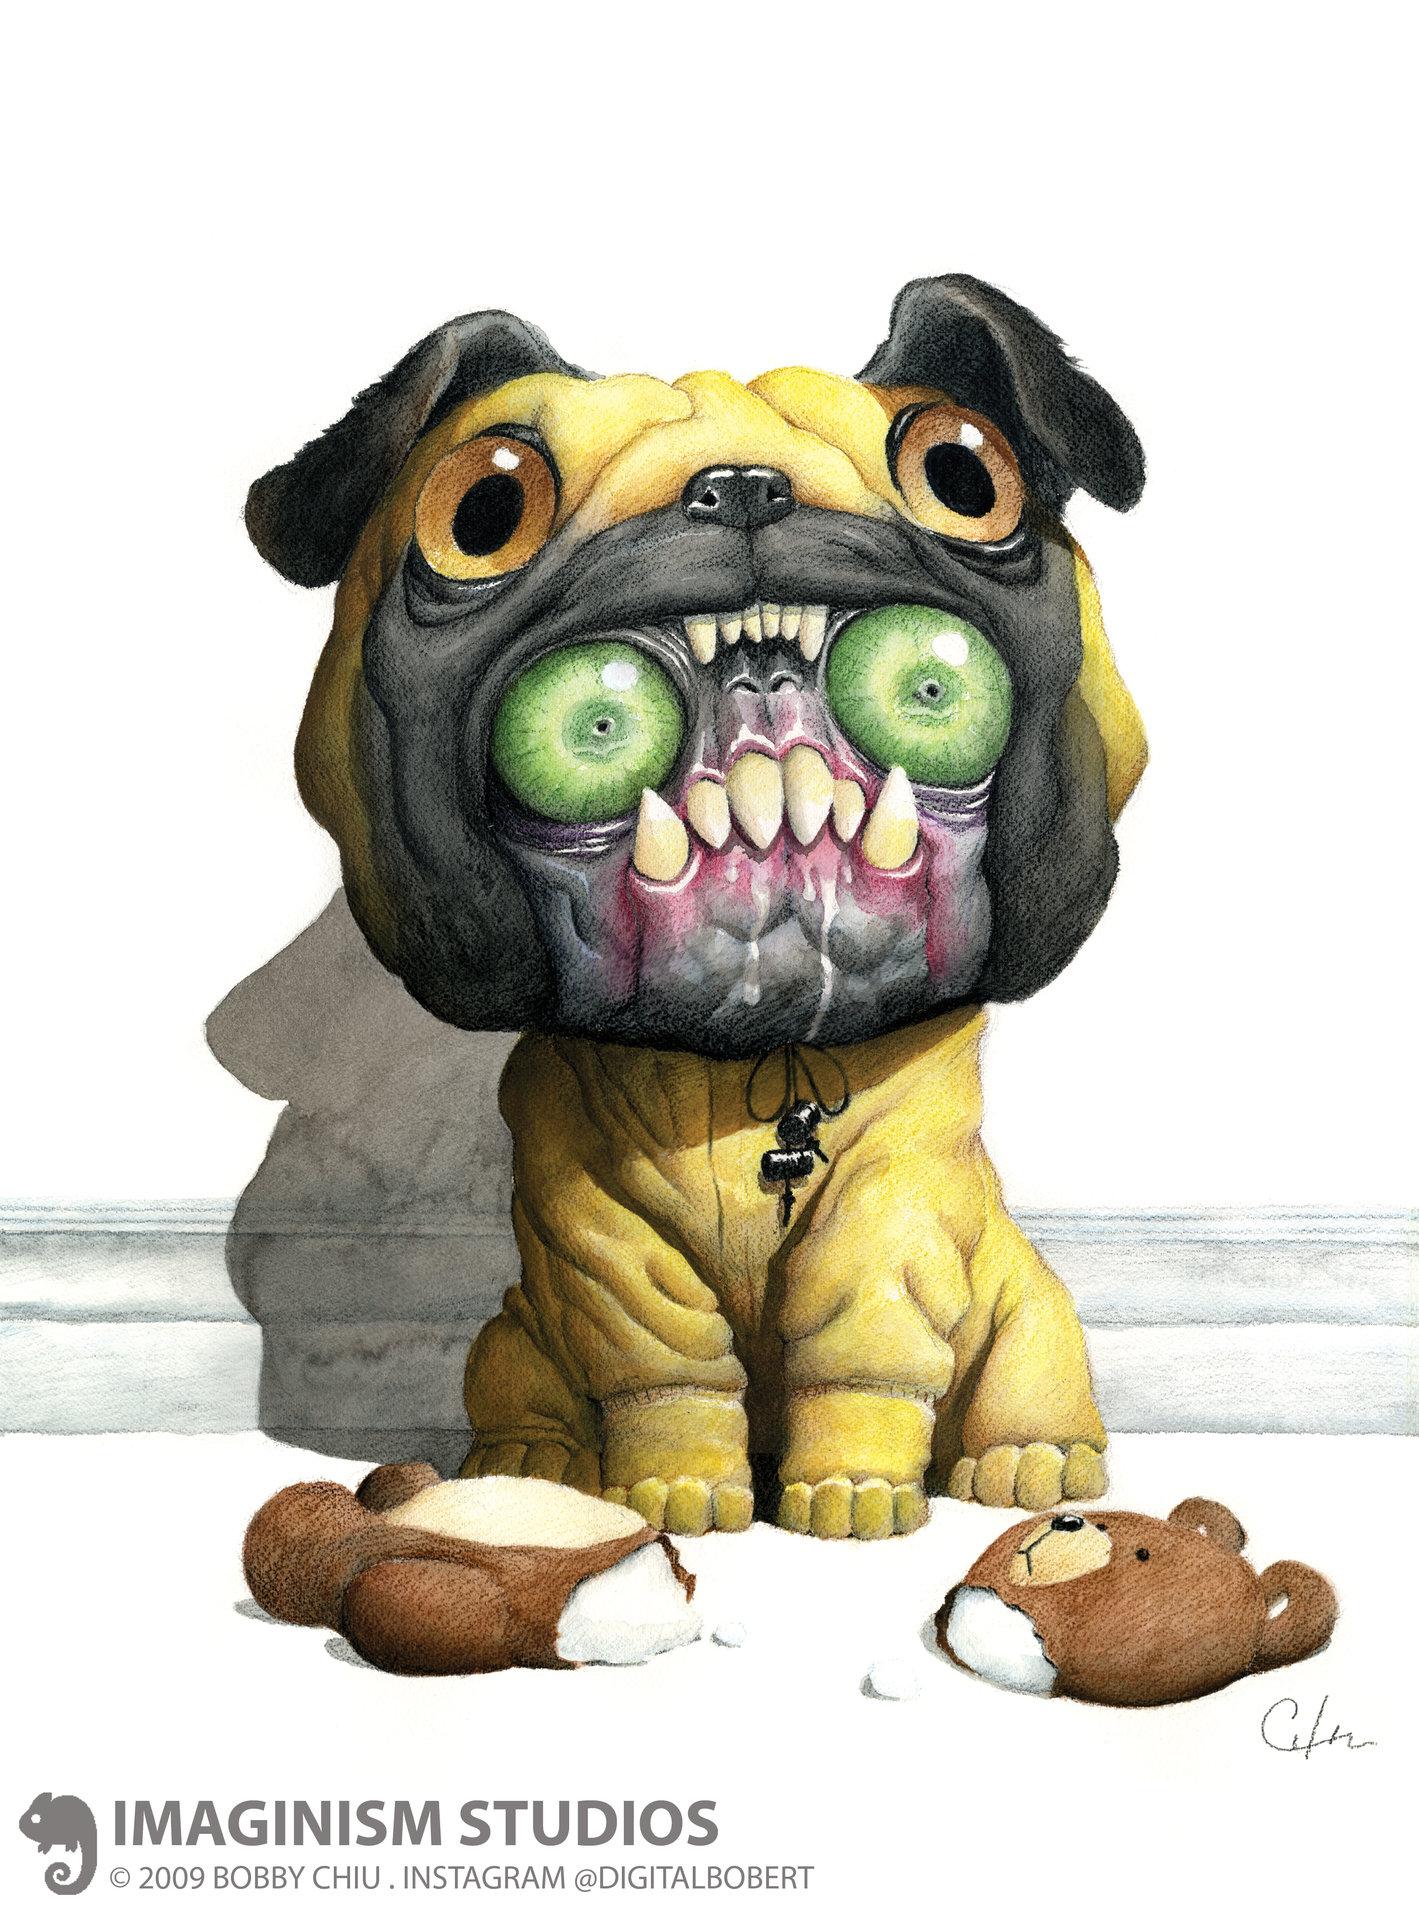 bobby-chiu-death-of-teddy.jpg